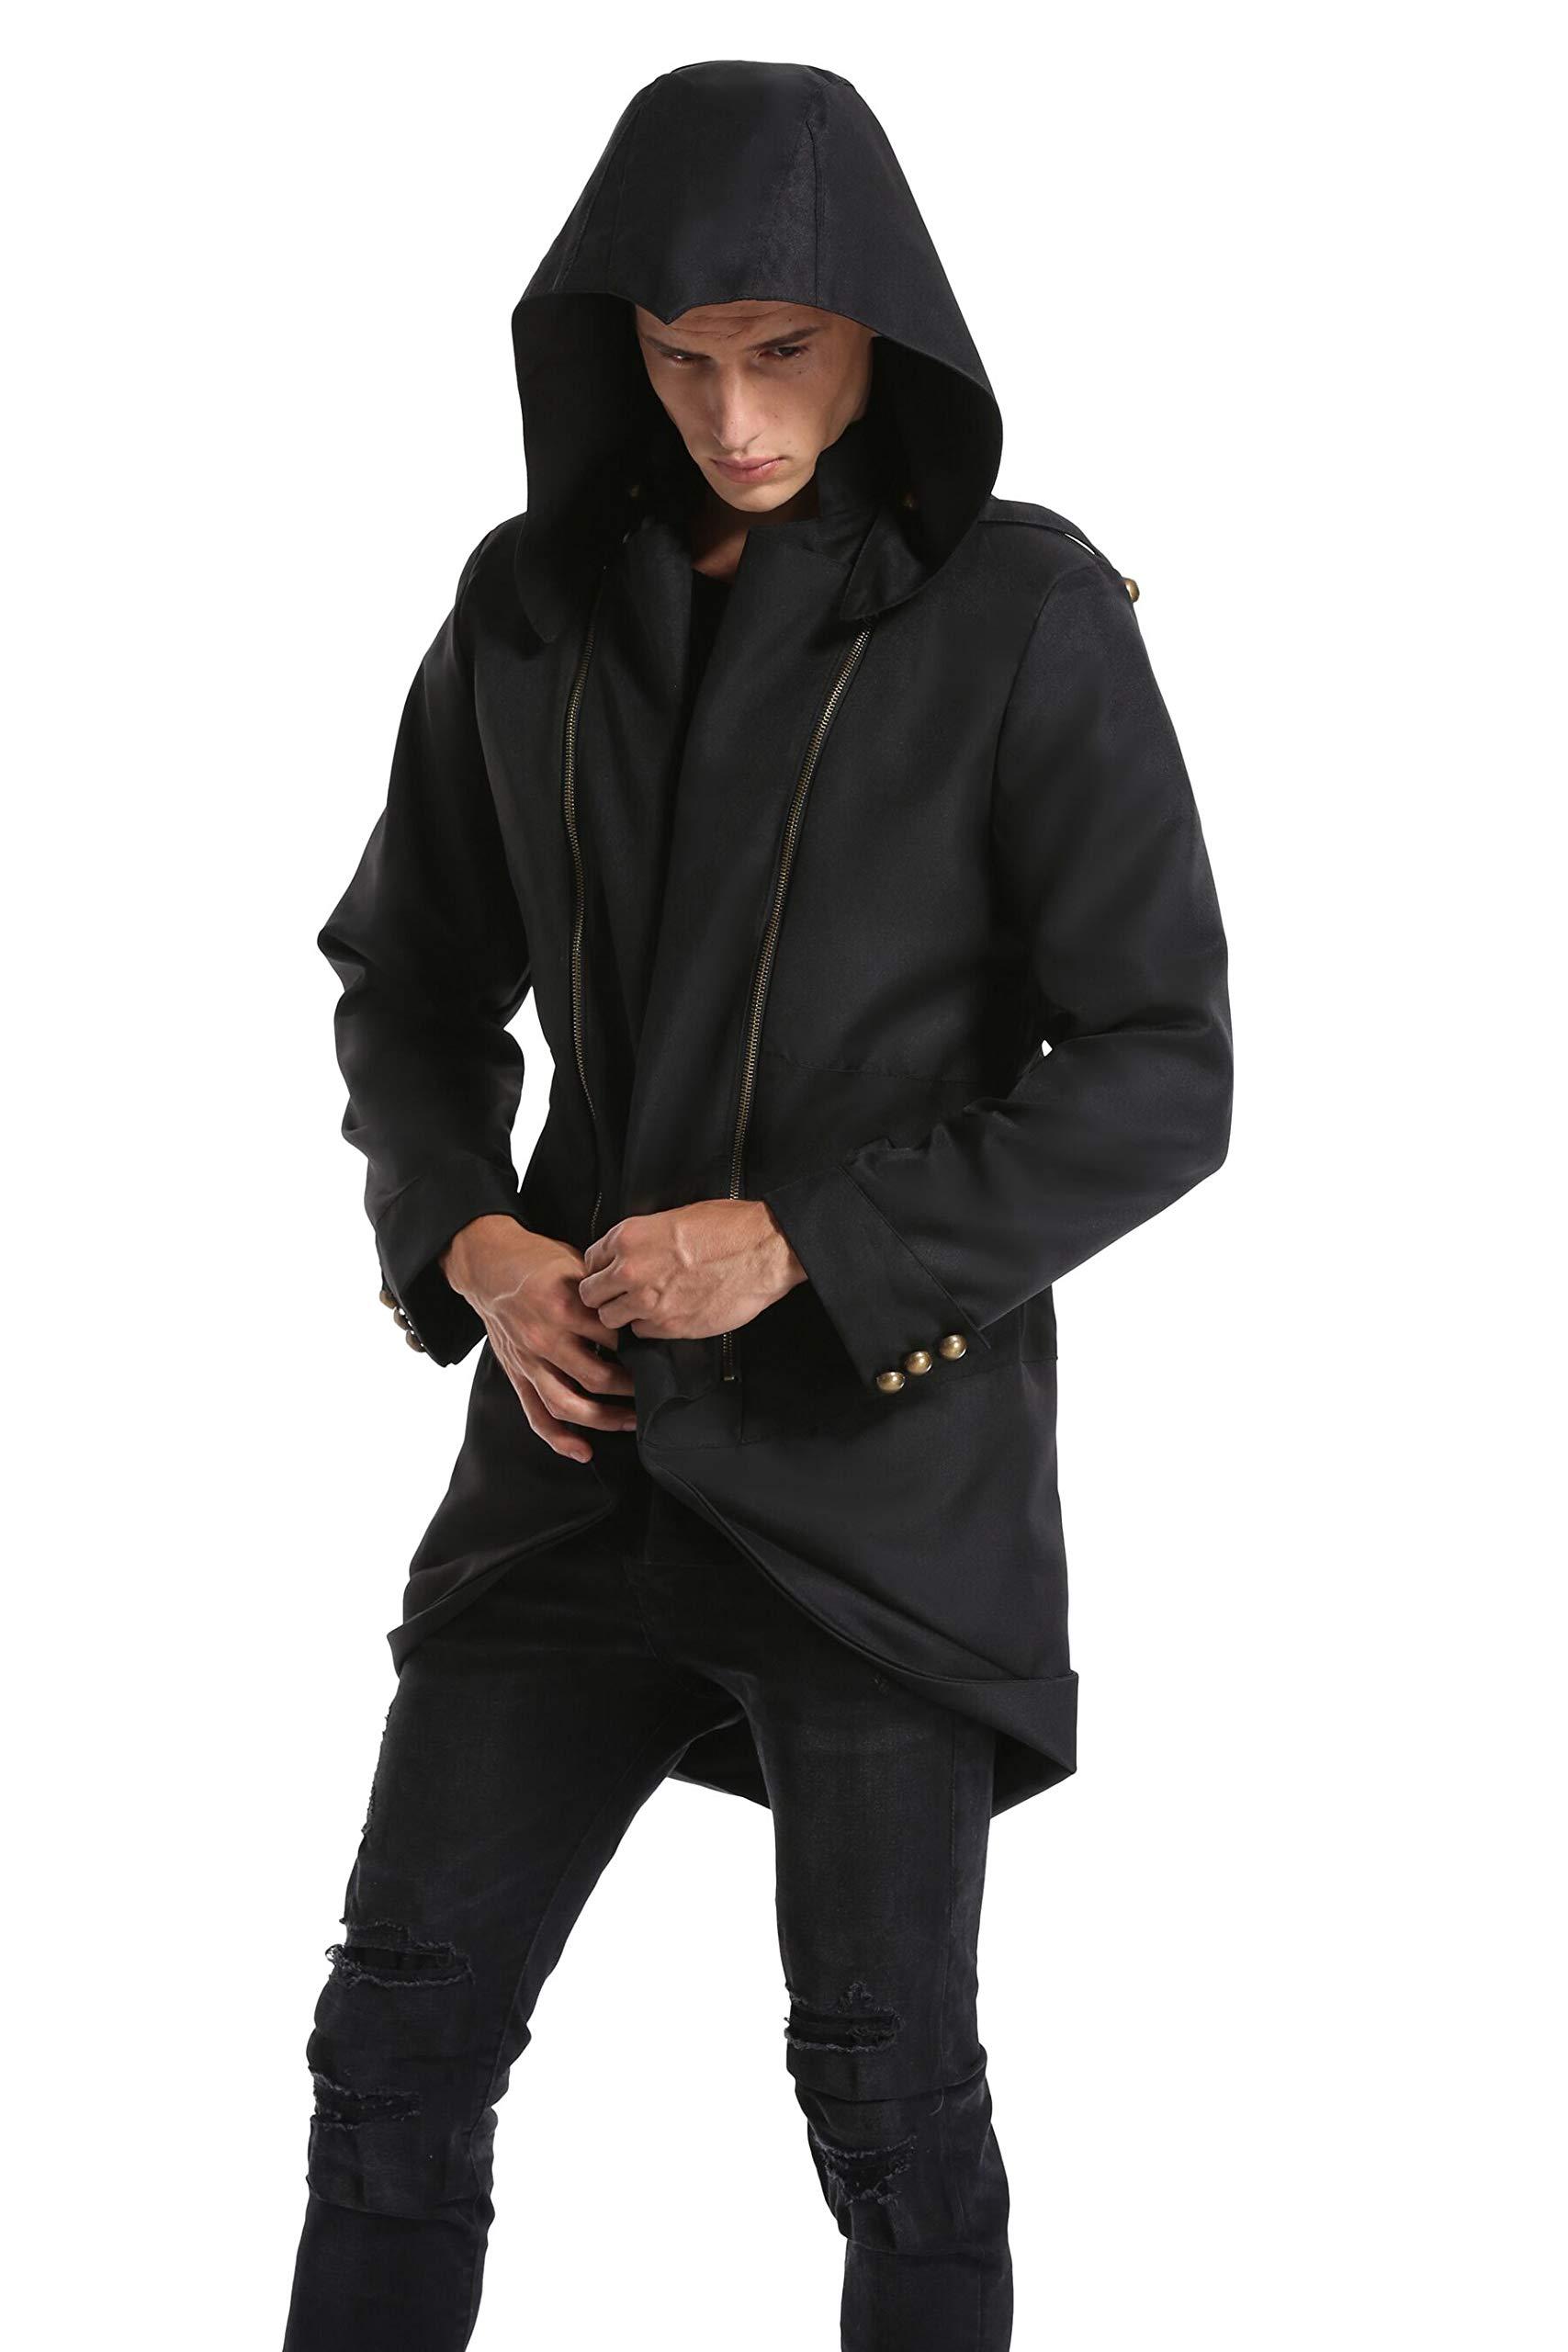 BuyChic Cosplay Costume Hoodie/Jacket/Coat-9